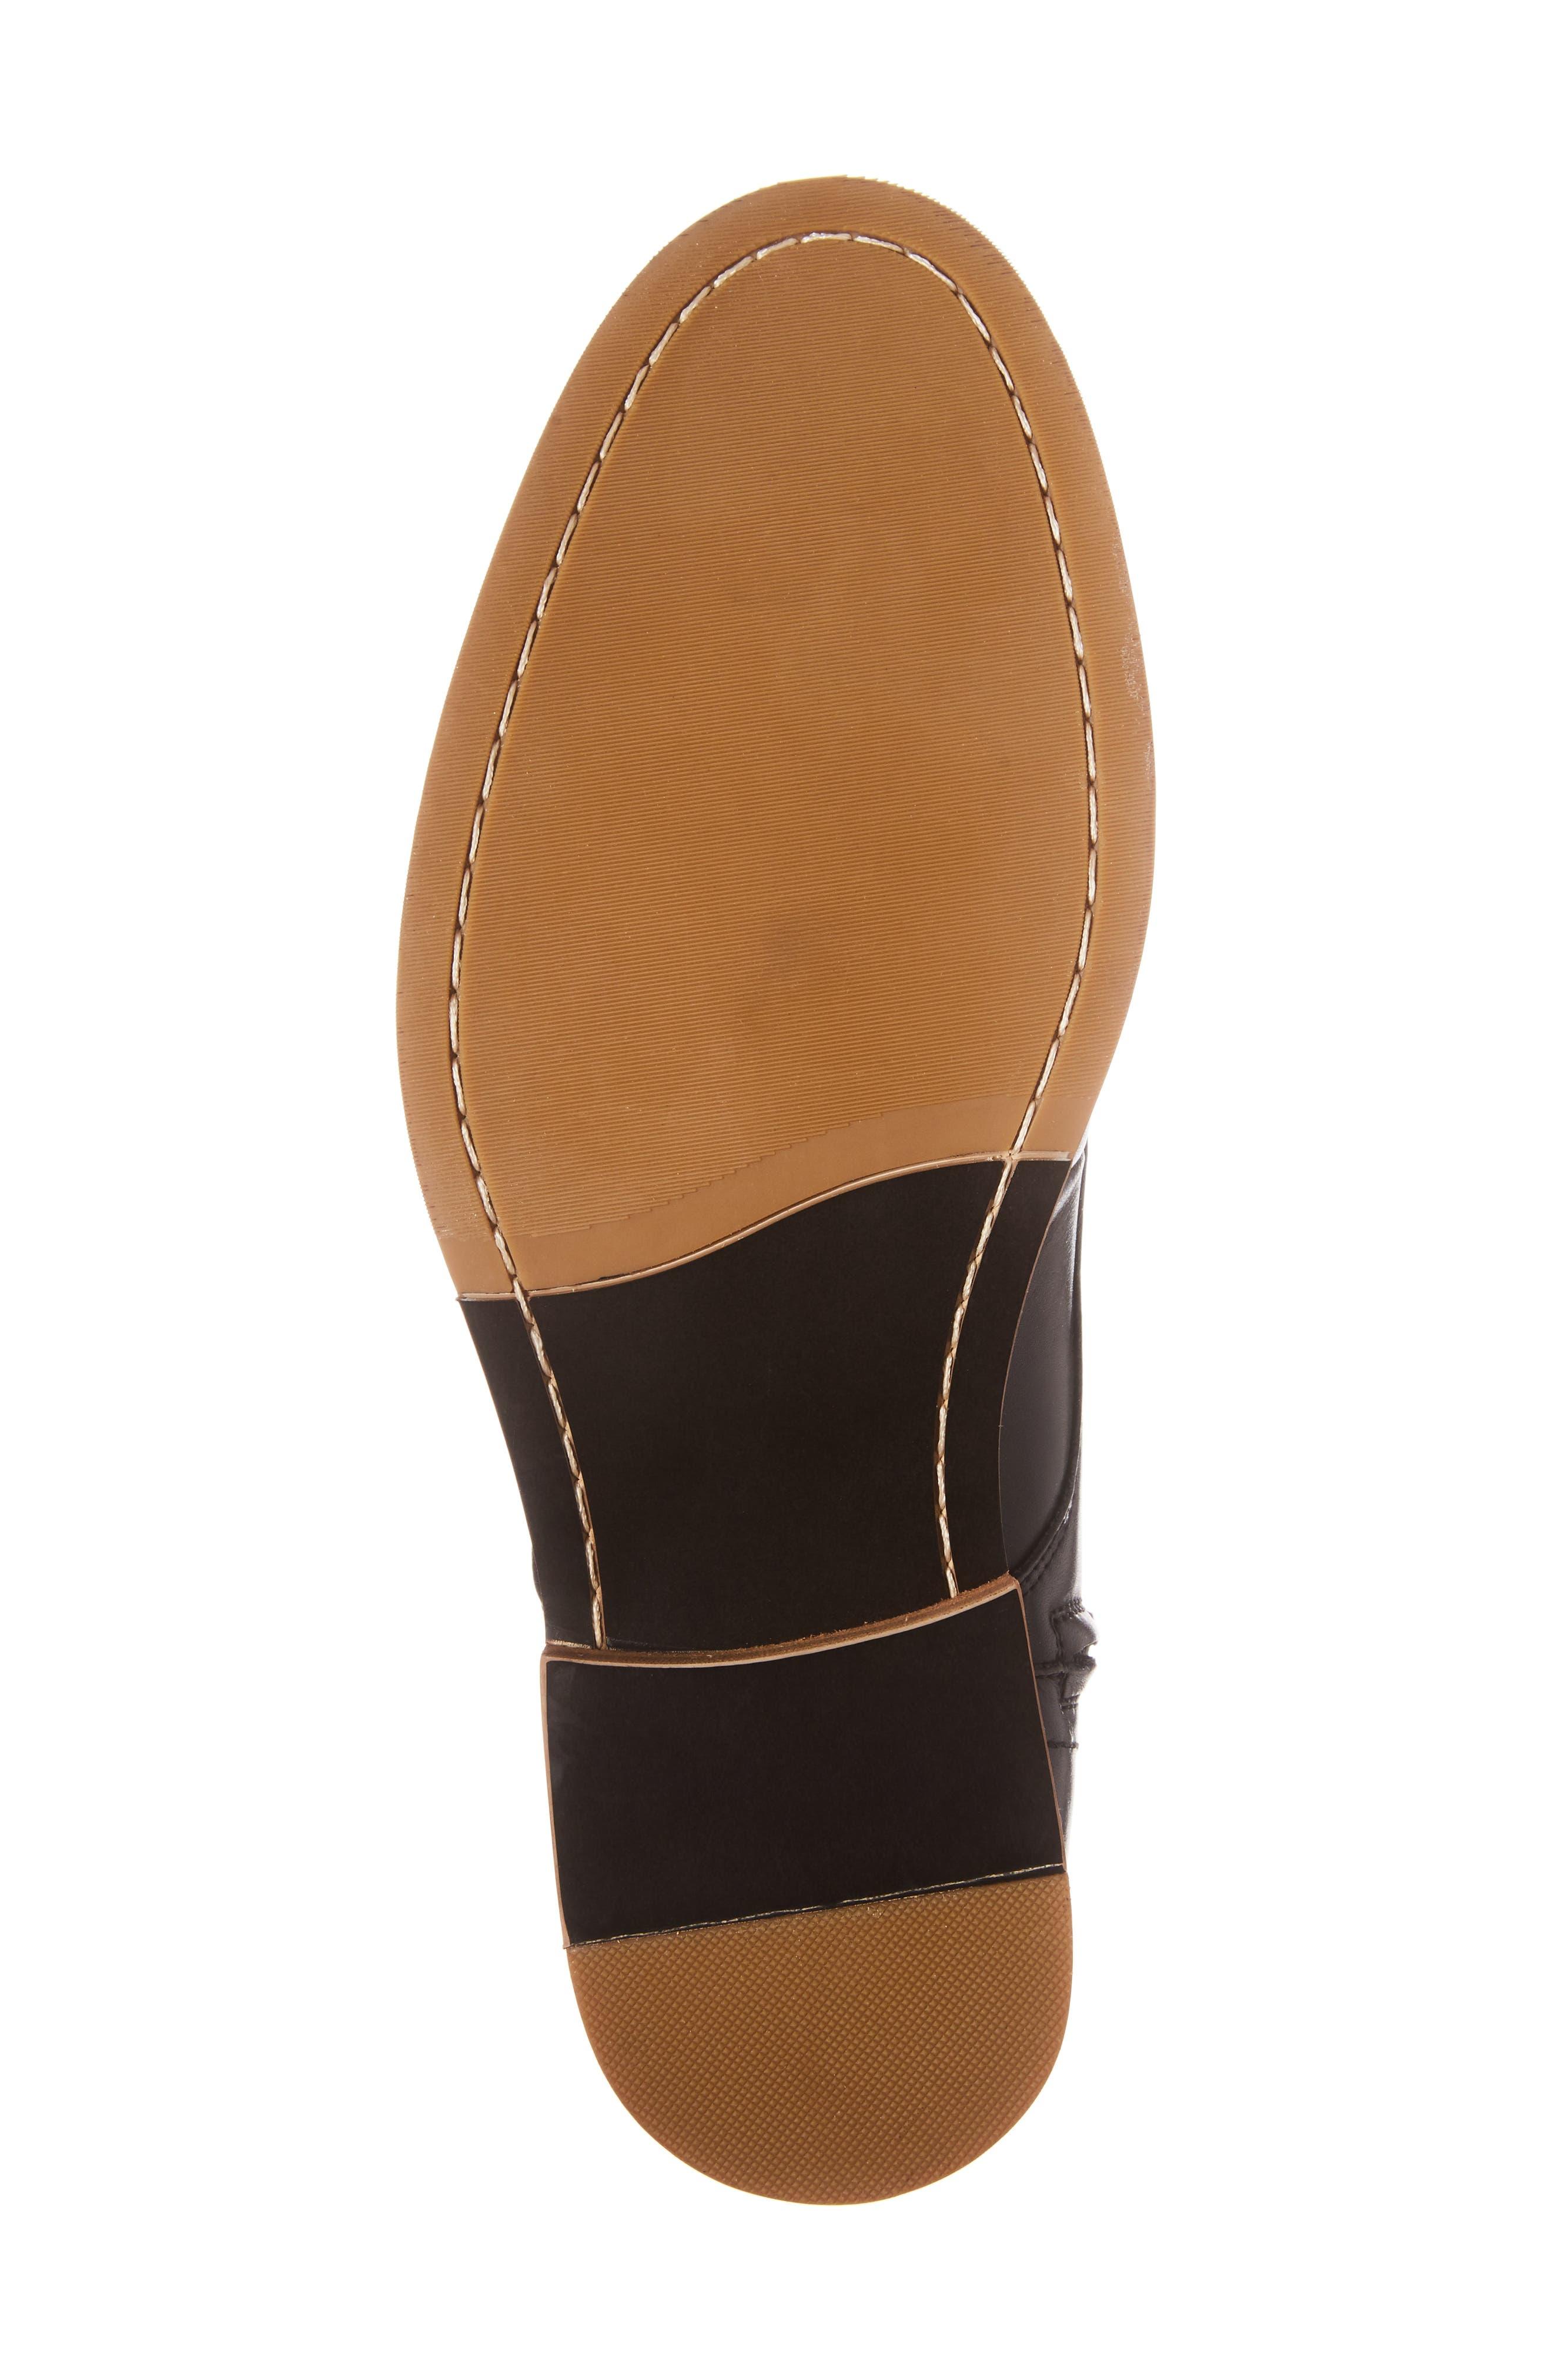 Albany Plain Toe Boot,                             Alternate thumbnail 6, color,                             Black Leather